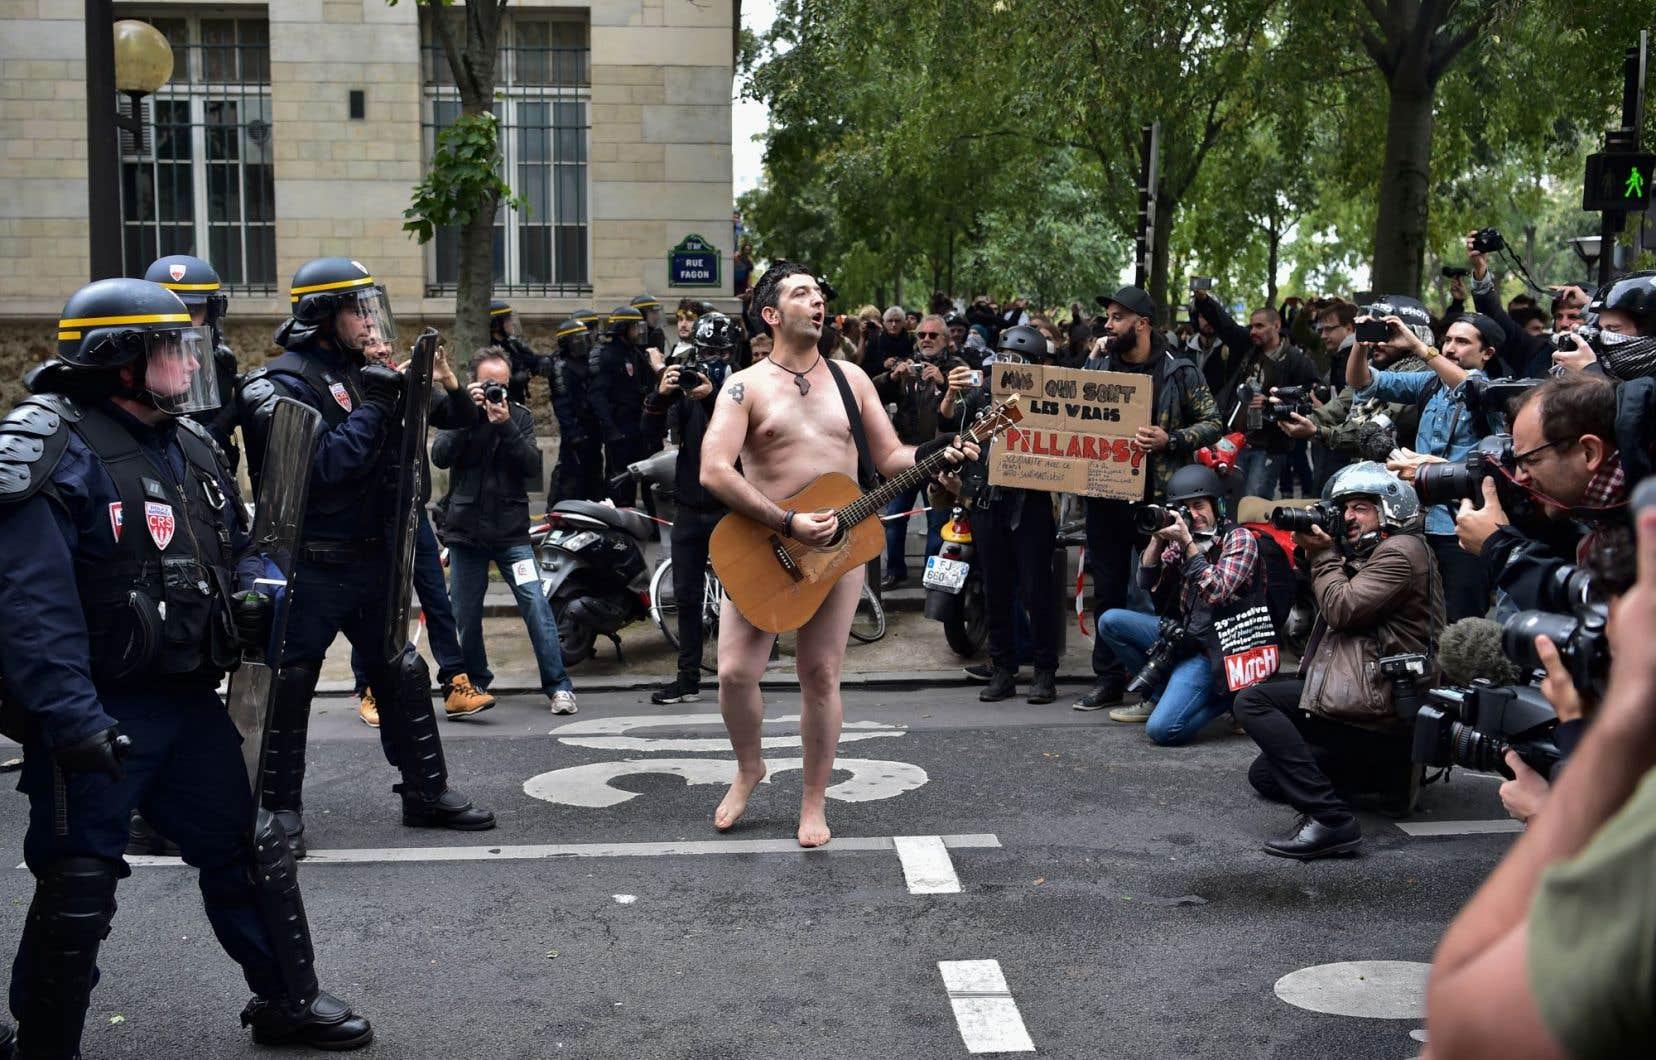 Un homme nu a joué de la guitare lors du défilé parisien, mardi, qui a ailleurs été stoppé à plusieurs reprises par des heurts.